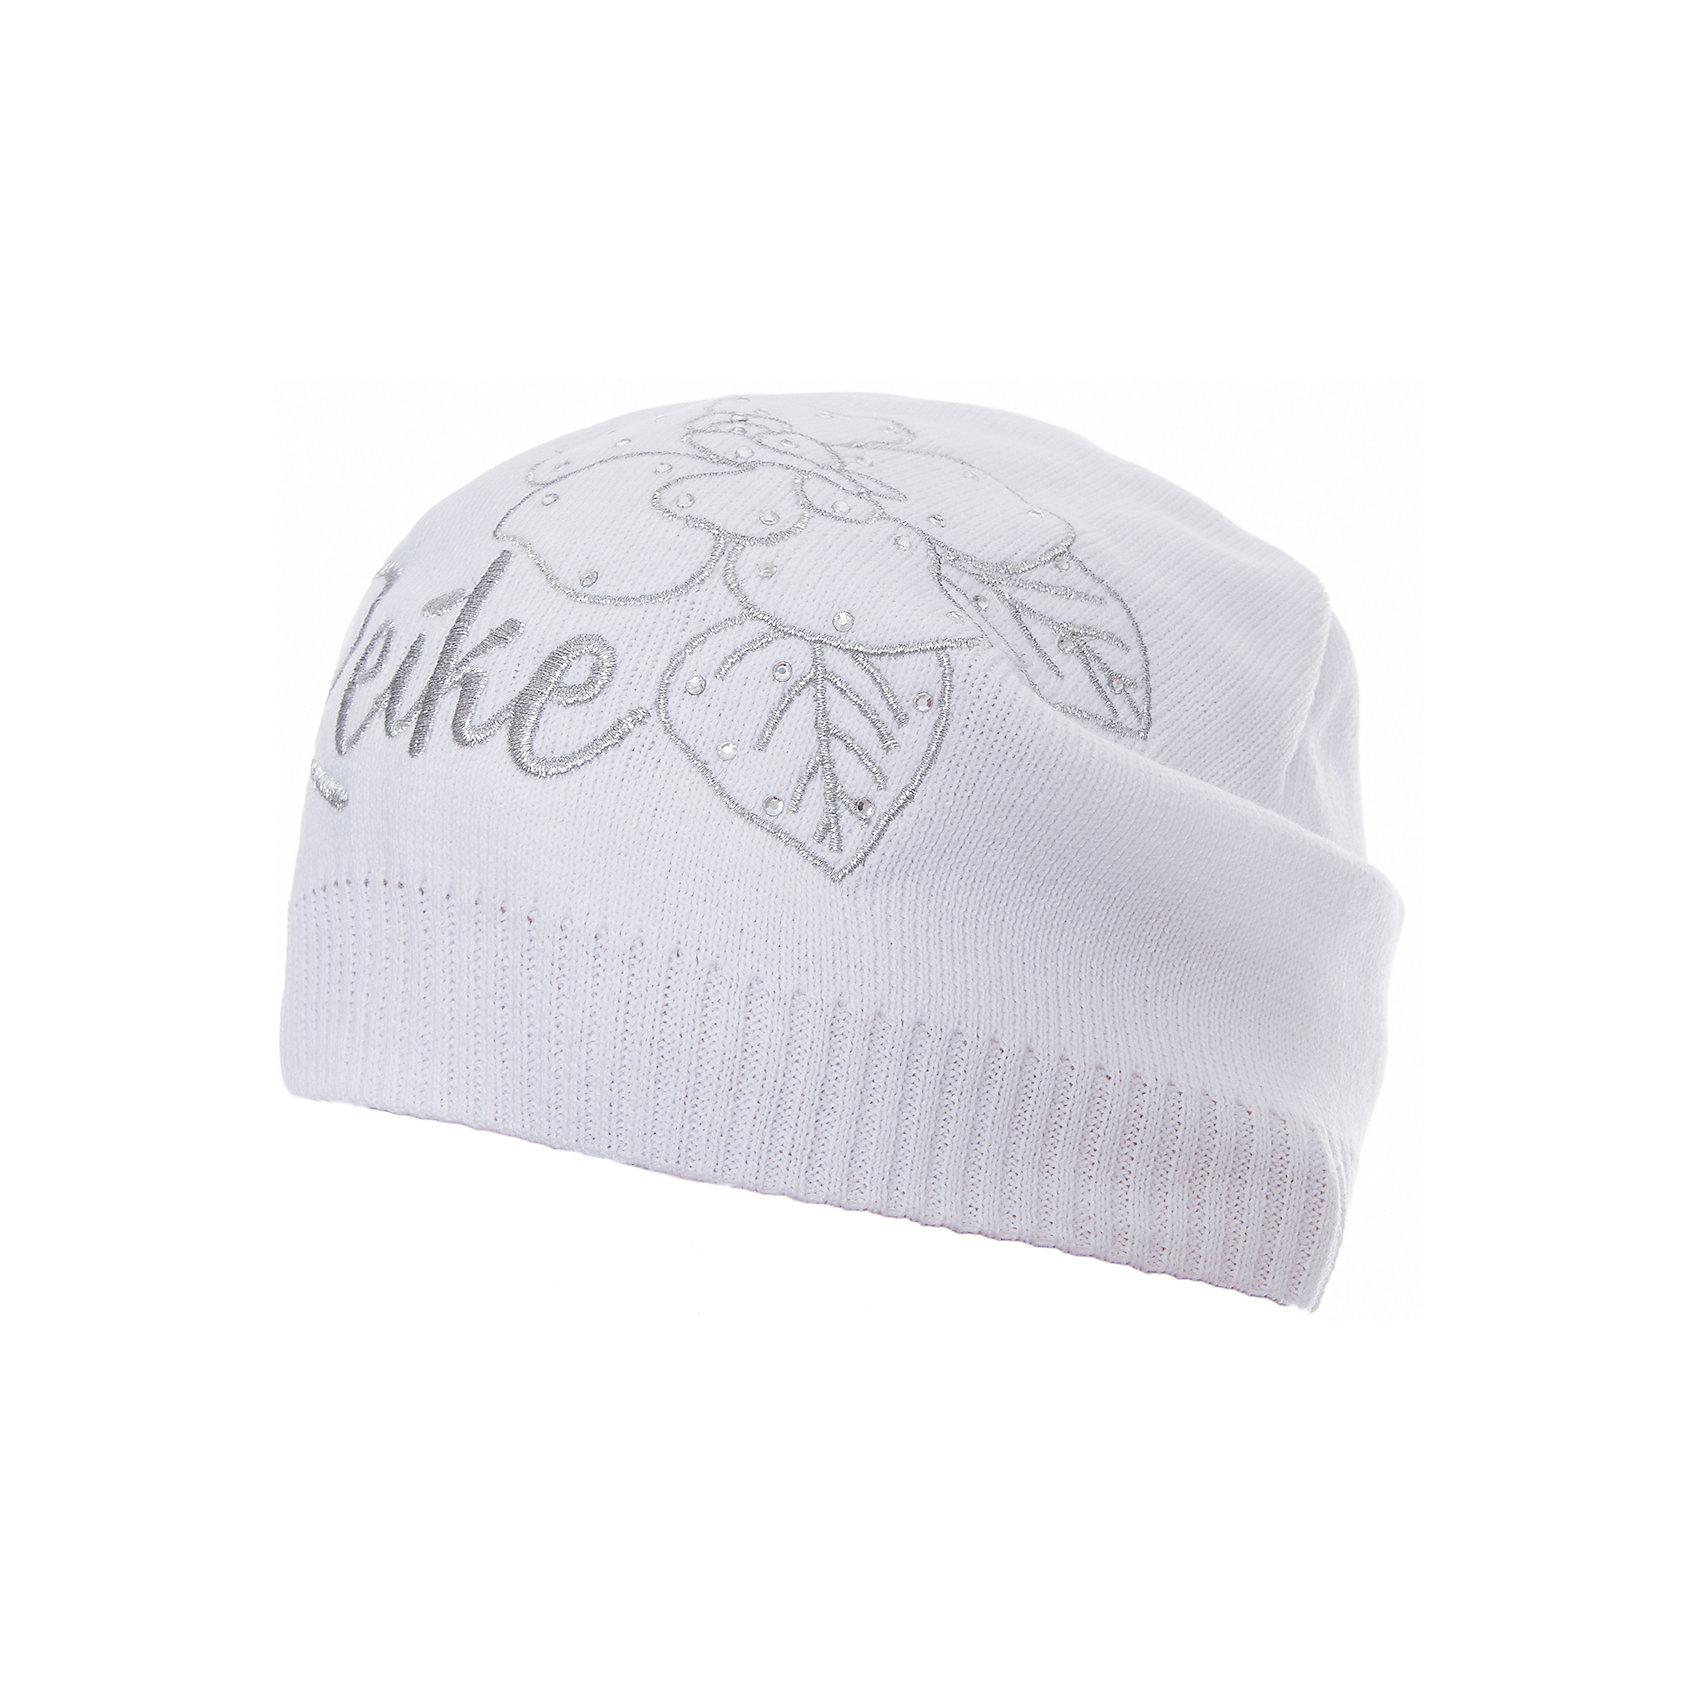 Шапка Reike для девочкиШапки и шарфы<br>Характеристики товара:<br><br>• цвет: белый<br>• состав: 97% хлопок, 3% полиуретан<br>• без подкладки<br>• температурный режим: от +7С до +15С<br>• декорирована вышивкой и стразами<br>• мягкий материал<br>• страна бренда: Финляндия<br><br>Новая коллекция от известного финского производителя Reike отличается ярким дизайном, продуманностью и комфортом! Эта модель разработана специально для детей - она учитывает особенности их физиологии, а также новые тенденции в европейской моде. Она отлично сочетается с обувью разных цветов и фасонов. Стильная и удобная вещь!<br><br>Шапку для девочки от популярного бренда Reike можно купить в нашем интернет-магазине.<br><br>Ширина мм: 89<br>Глубина мм: 117<br>Высота мм: 44<br>Вес г: 155<br>Цвет: белый<br>Возраст от месяцев: 72<br>Возраст до месяцев: 84<br>Пол: Женский<br>Возраст: Детский<br>Размер: 54,56,52<br>SKU: 5430206